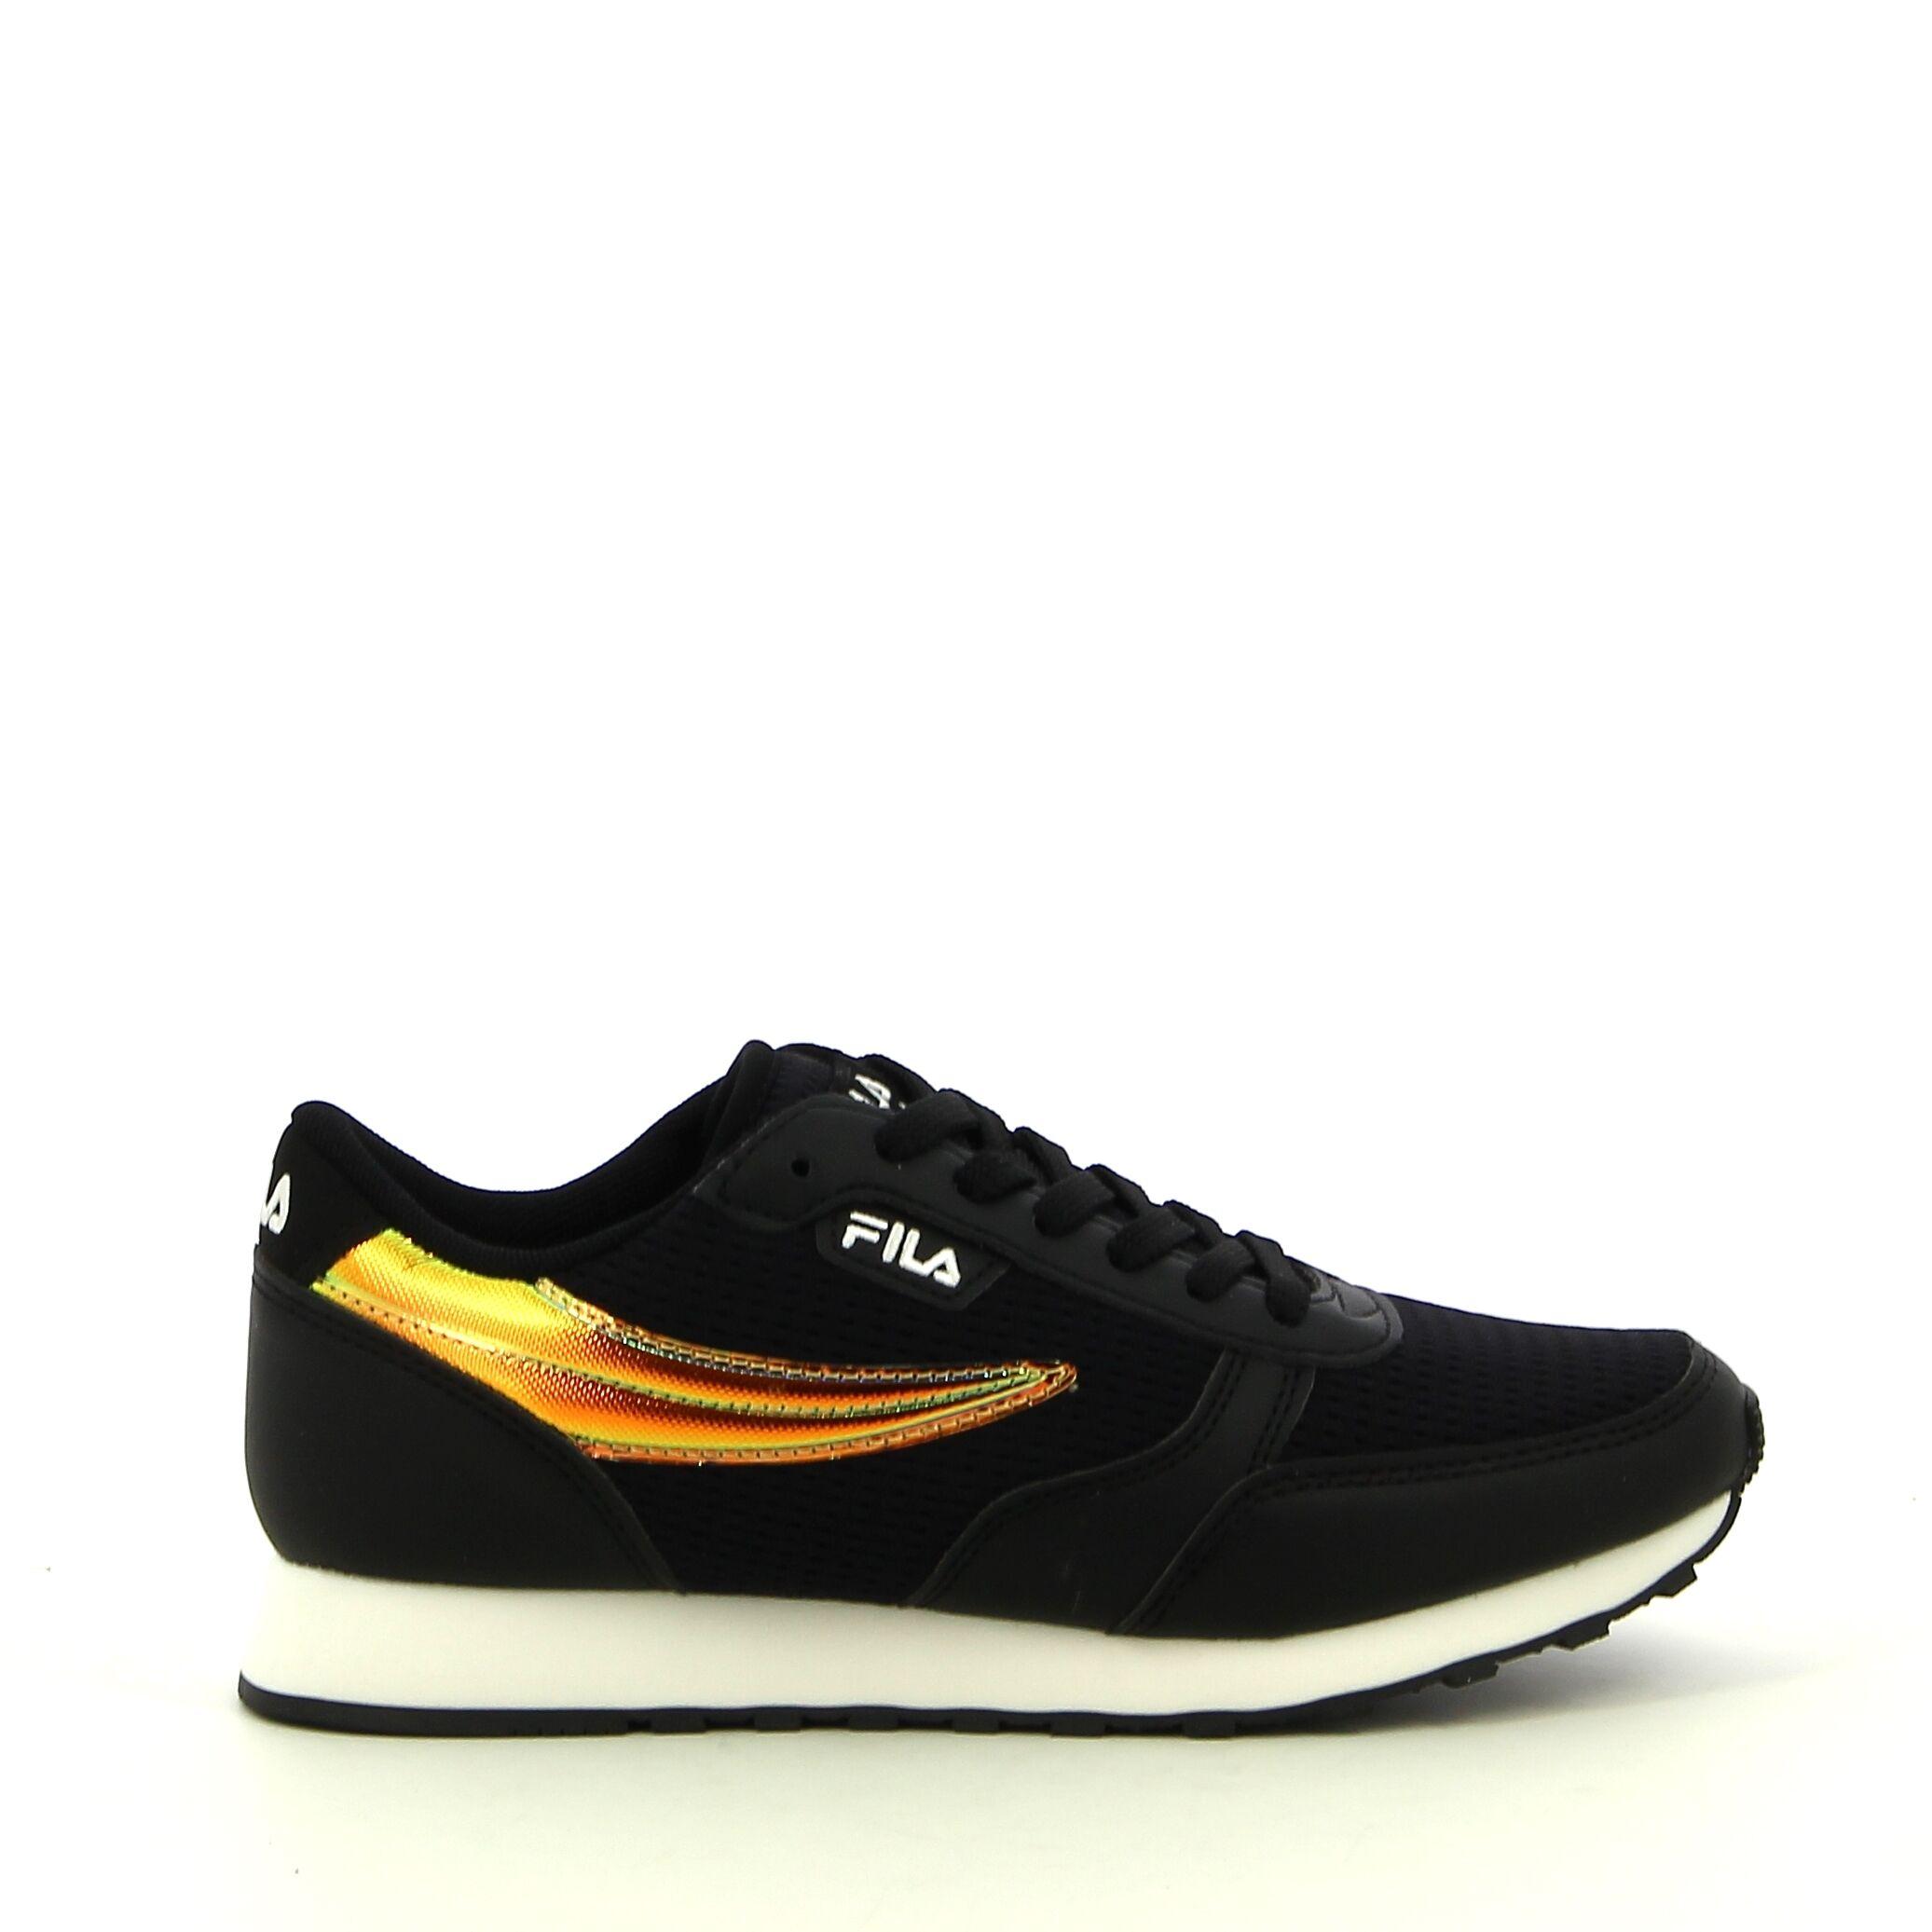 Fila - Zwart - Sneakers